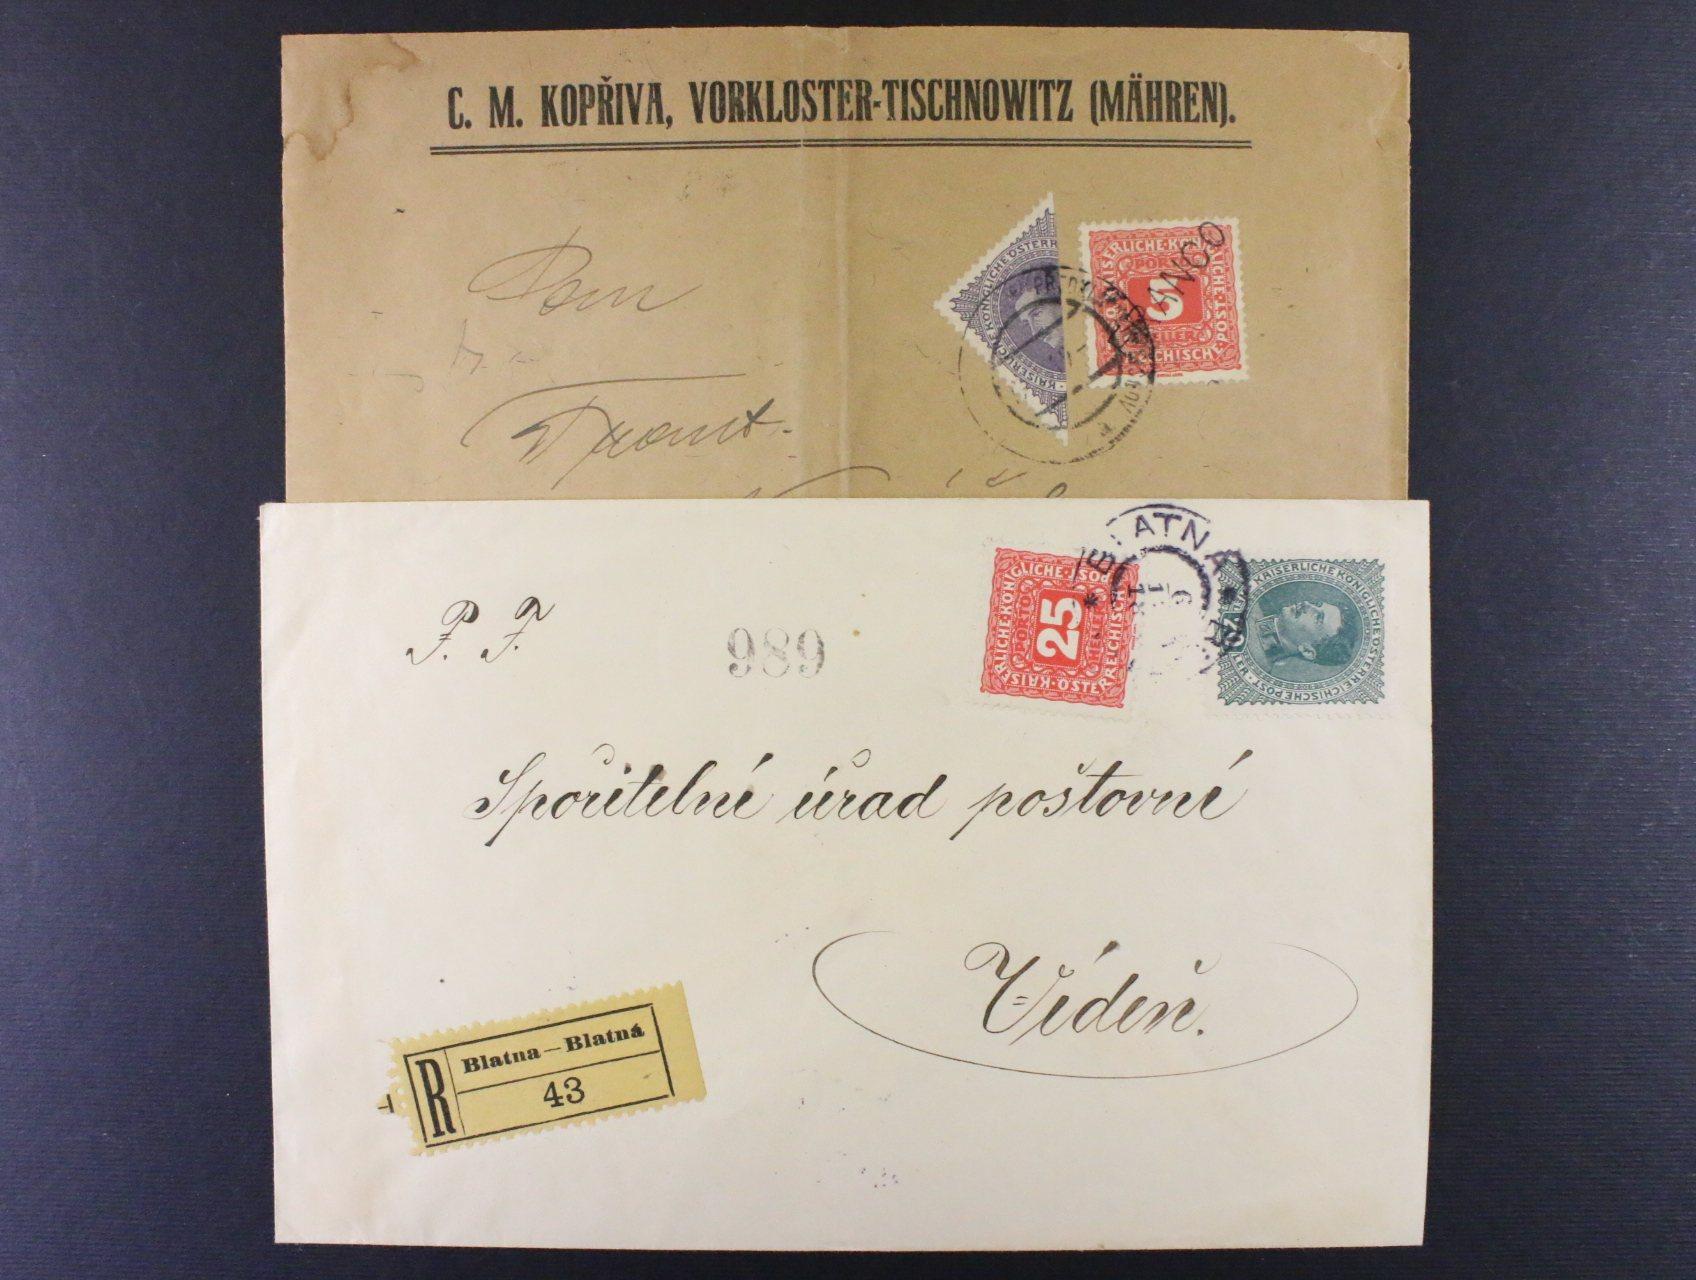 firemní dopis do Brna frank. půlenou zn. 30h Karel + 5h doplatní 1916 FRANCO, pod. raz. PŘEDKLÁŠTEŘÍ U TIŠNOVA 17.1.19, dopis mimo zn. svisle přeložený a R-dopis do Vídně frank. zn. 25h doplatní 1916 + 20h Karel, pod. raz. BLATNÁ 6.12.18, vzácná frankatura, zajímavé